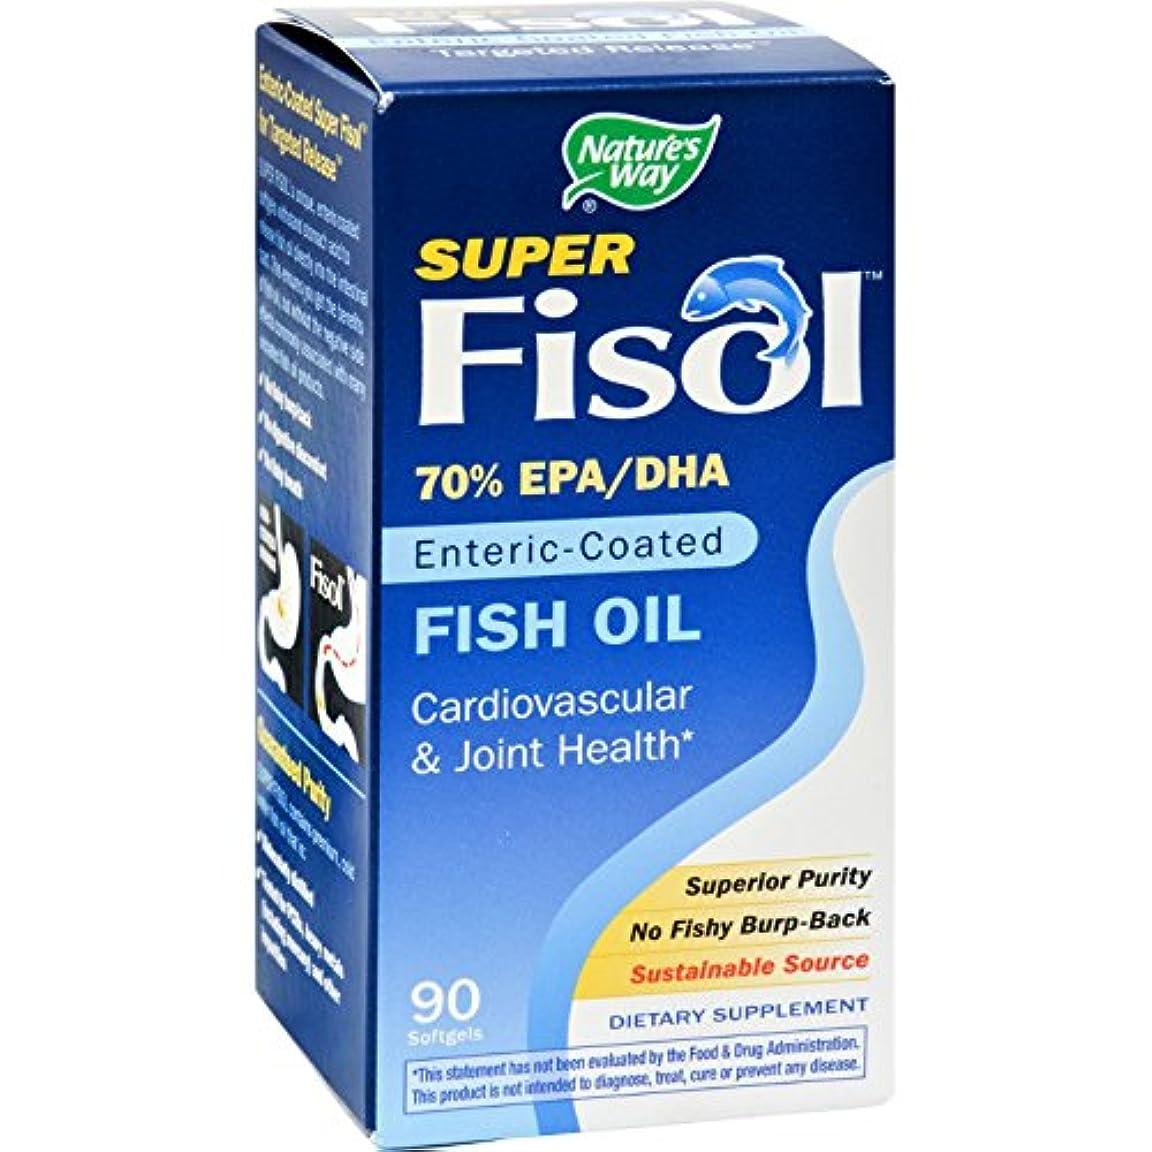 毎月反逆者好ましいスーパーフィソール(高含有EPA?DHA) 90粒[海外直送品]